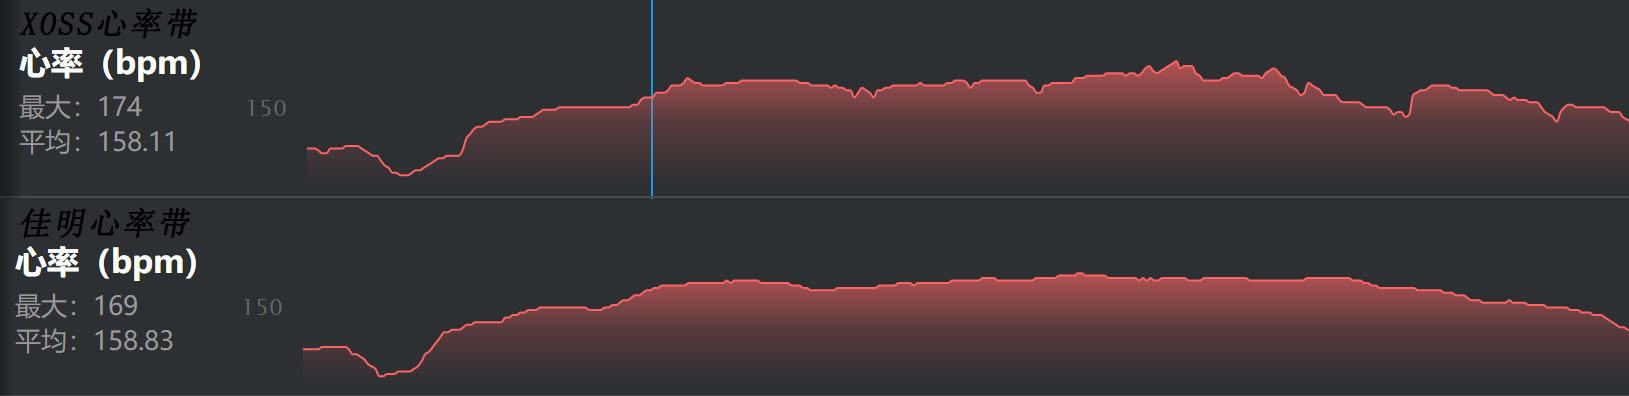 低心率对比.jpg